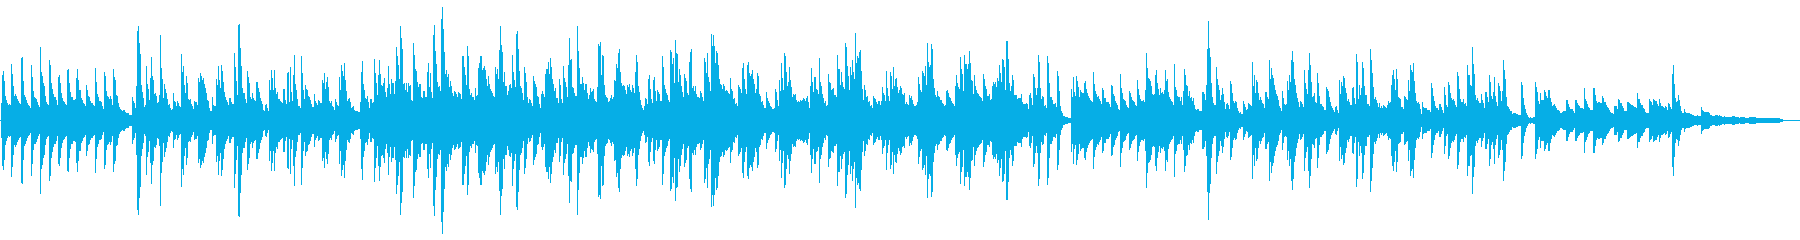 郷愁・ノスタルジックなピアノソロの再生済みの波形